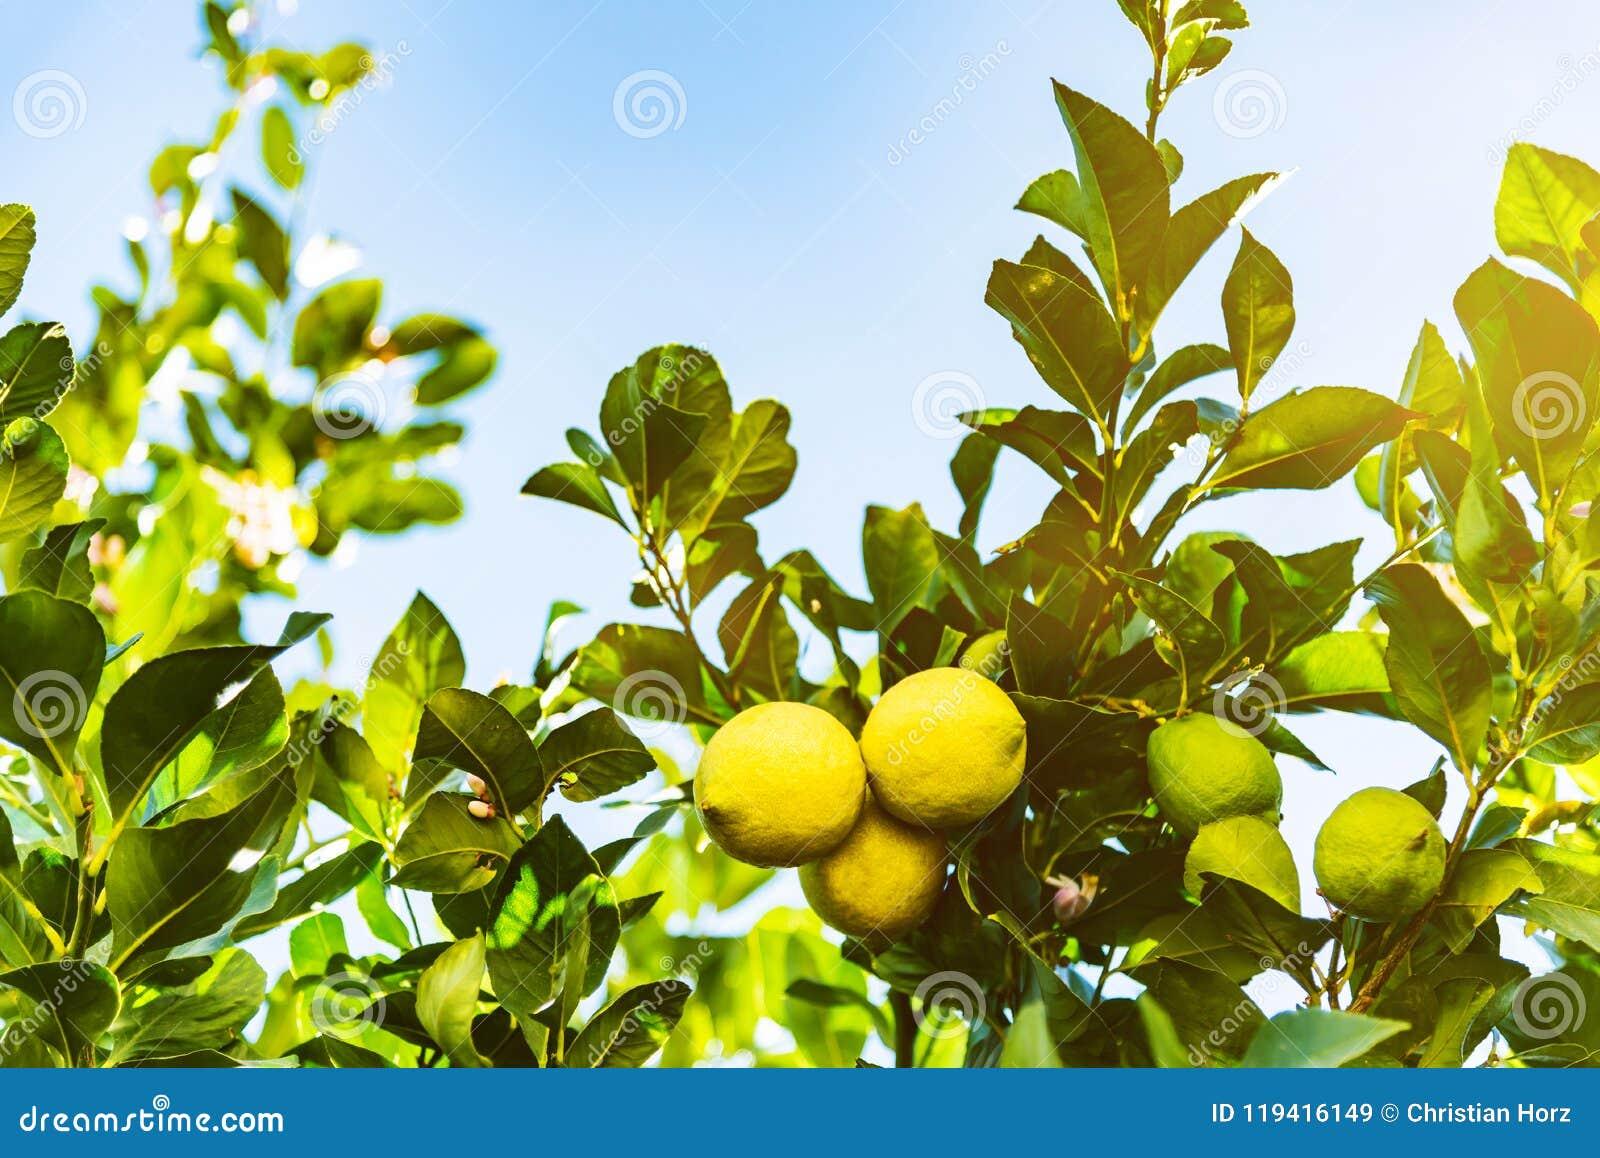 Zakończenie dojrzały kolor żółty i niedojrzałe zielone cytryny na drzewie przeciw niebieskiemu niebu